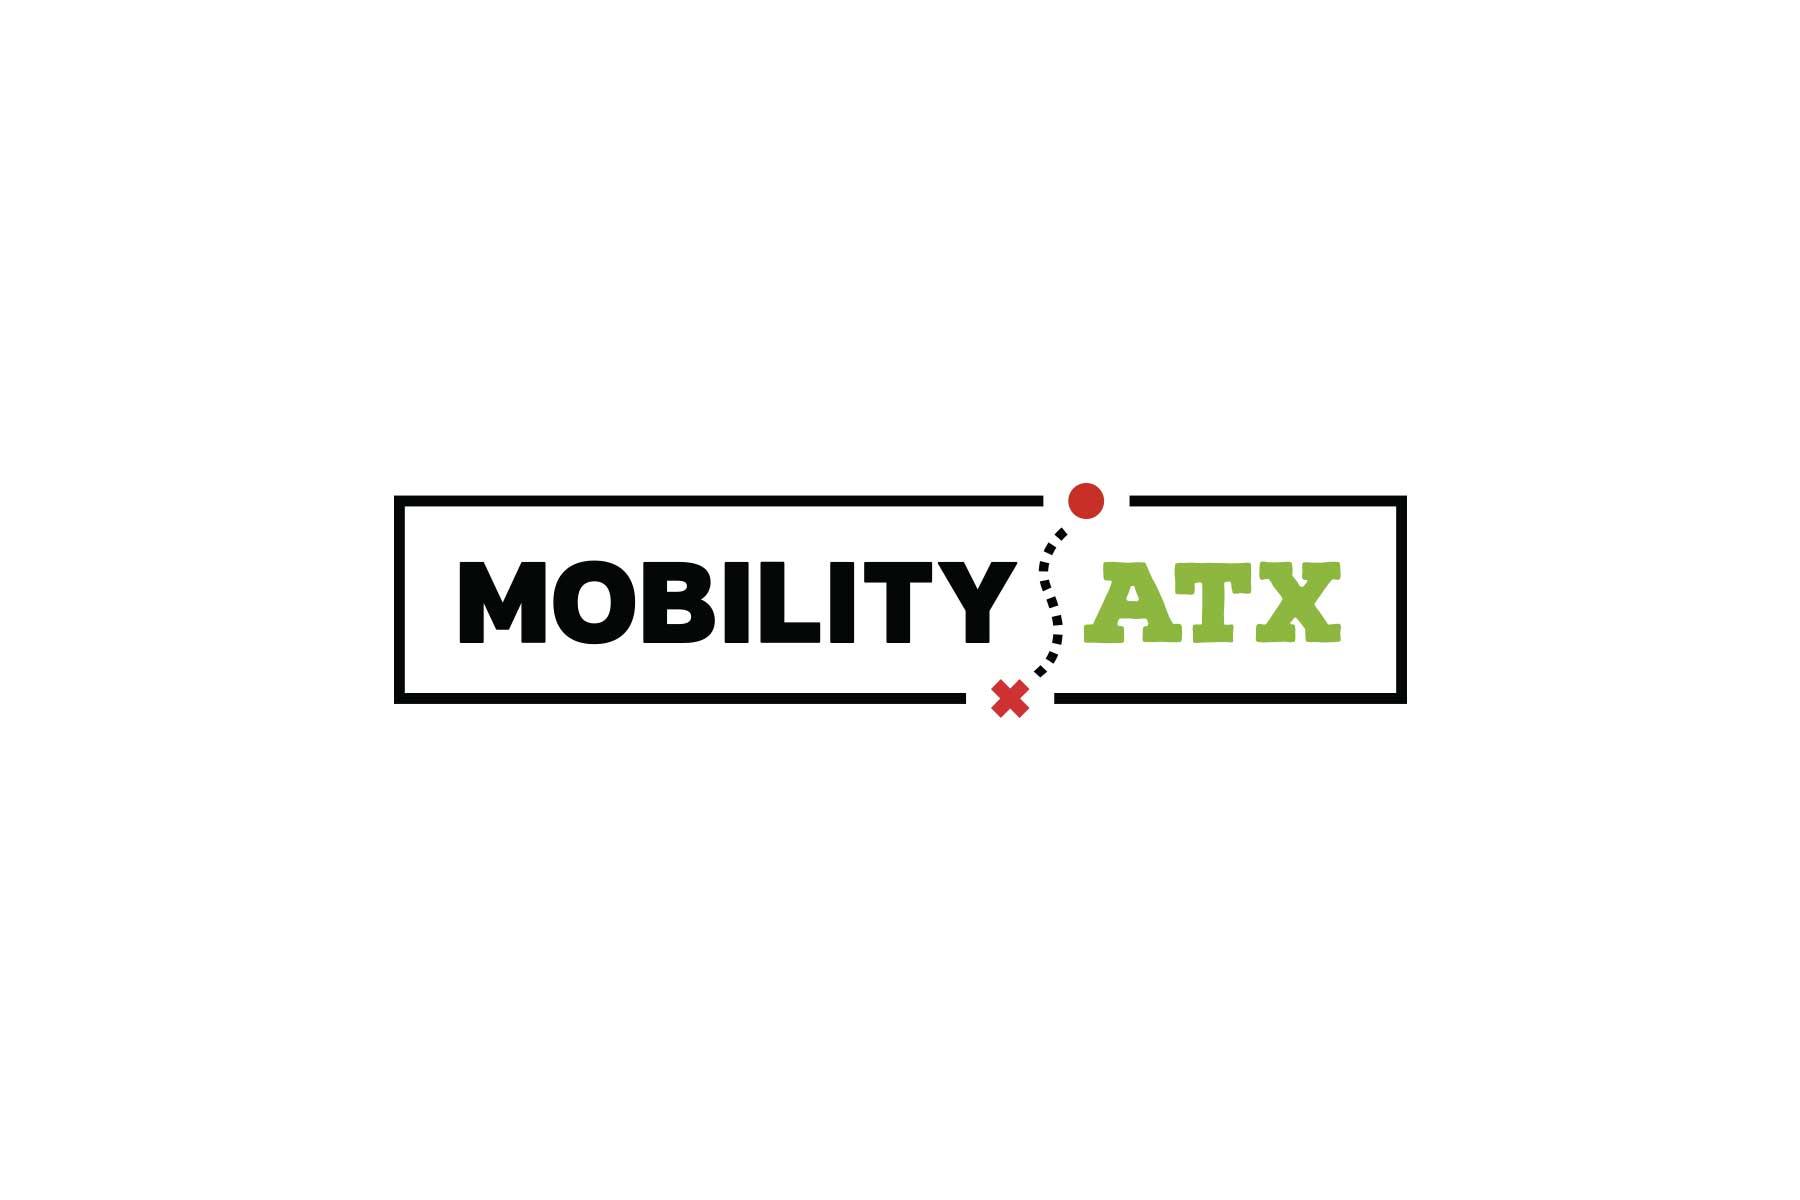 MobilityATX